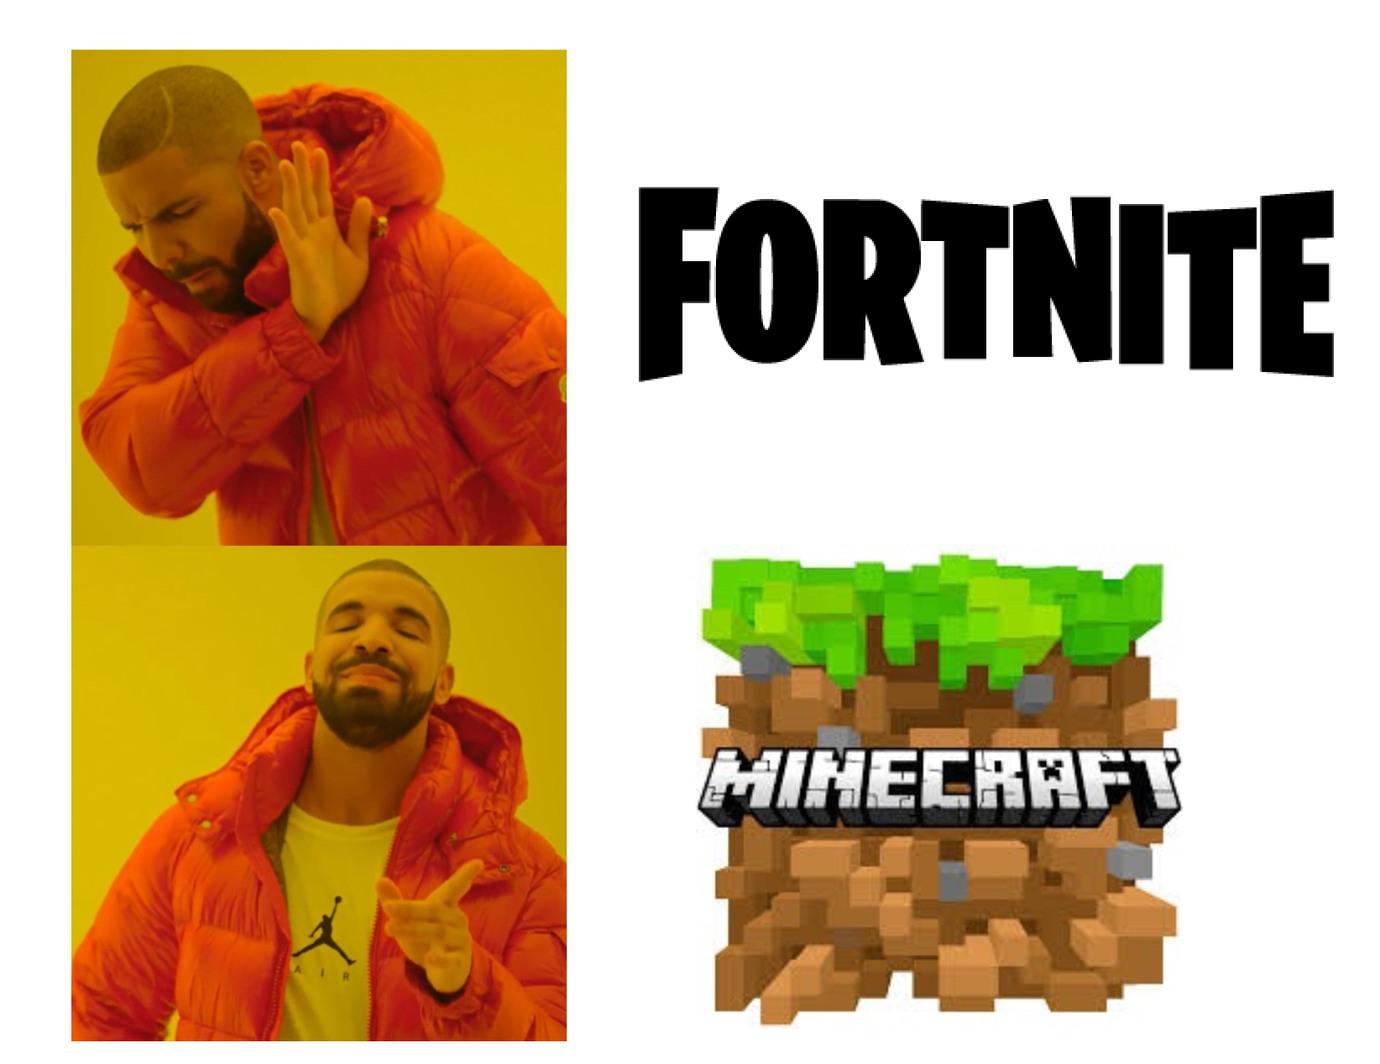 fortnite is dead - meme